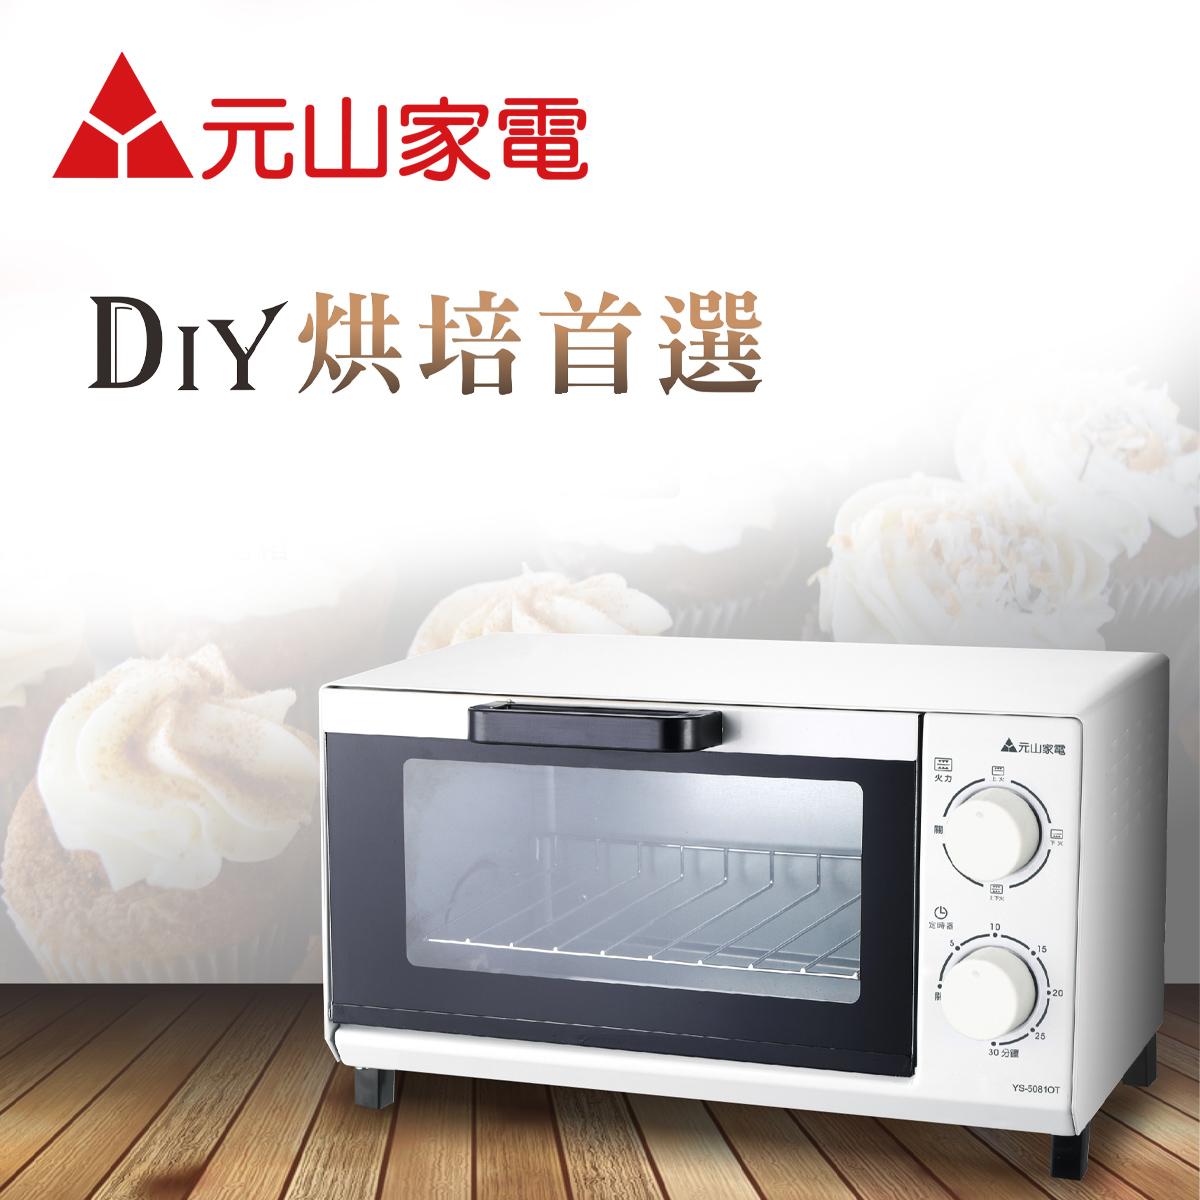 元山 8L 多功能電烤箱